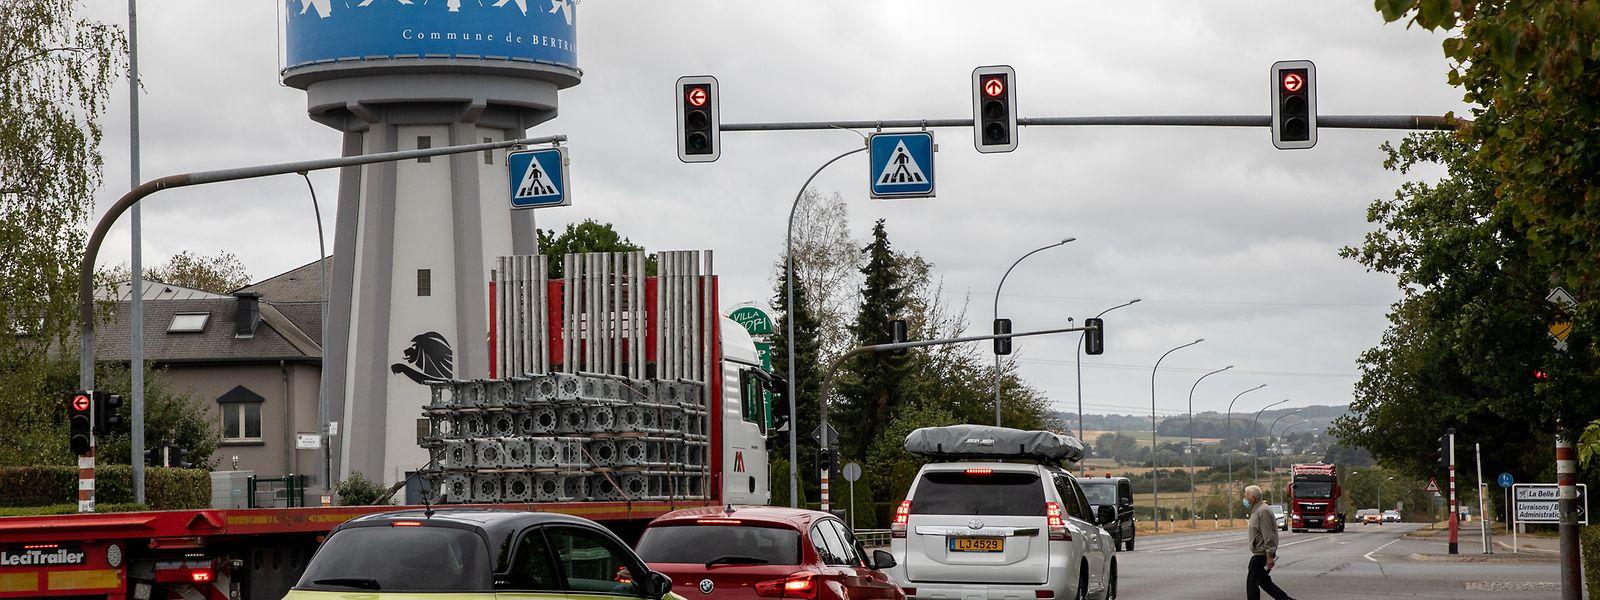 Über zwei Millionen Euro wird das System aus intelligenten Ampeln kosten, das in Bartringen auf einer Länge von 354 Metern installiert wird.